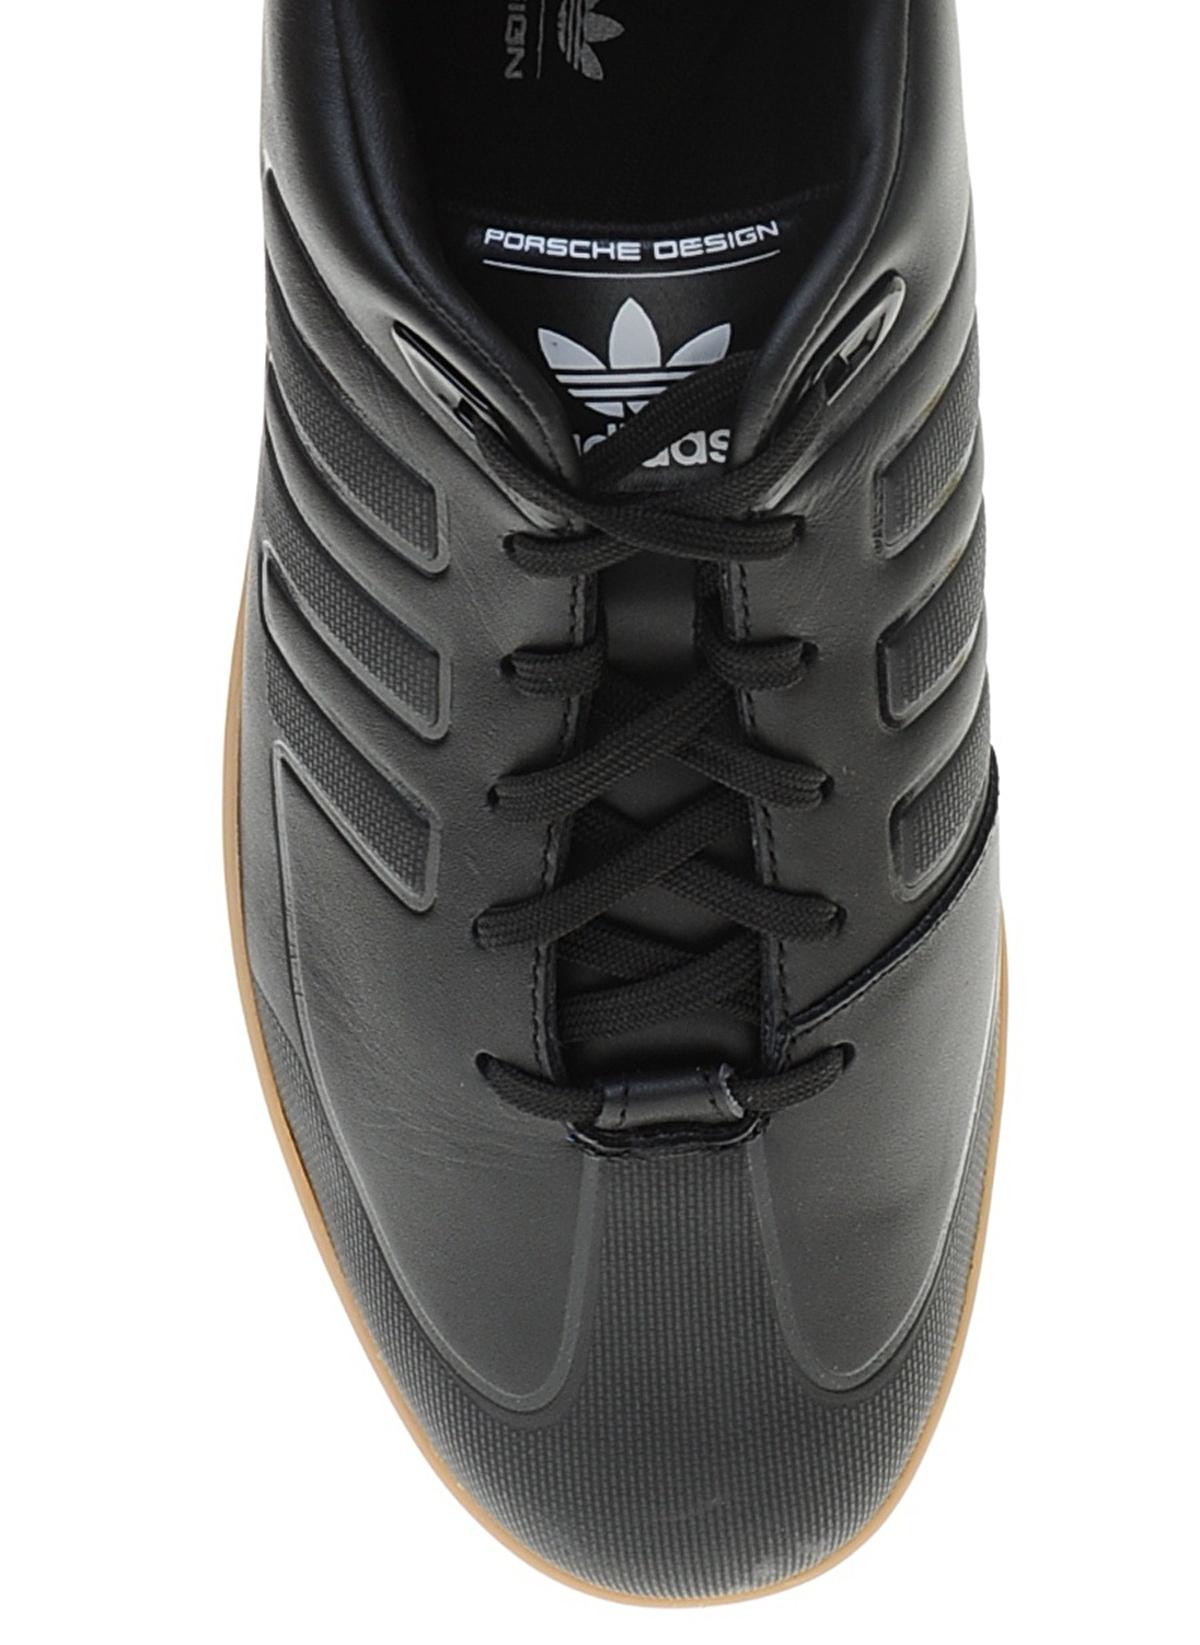 various colors 90594 7f623 store adidas porsche speedster sport me b35821 size 7 uk c0d89 bb81c  canada adidas porsche speedster 2.0 siyah 87428 770eb